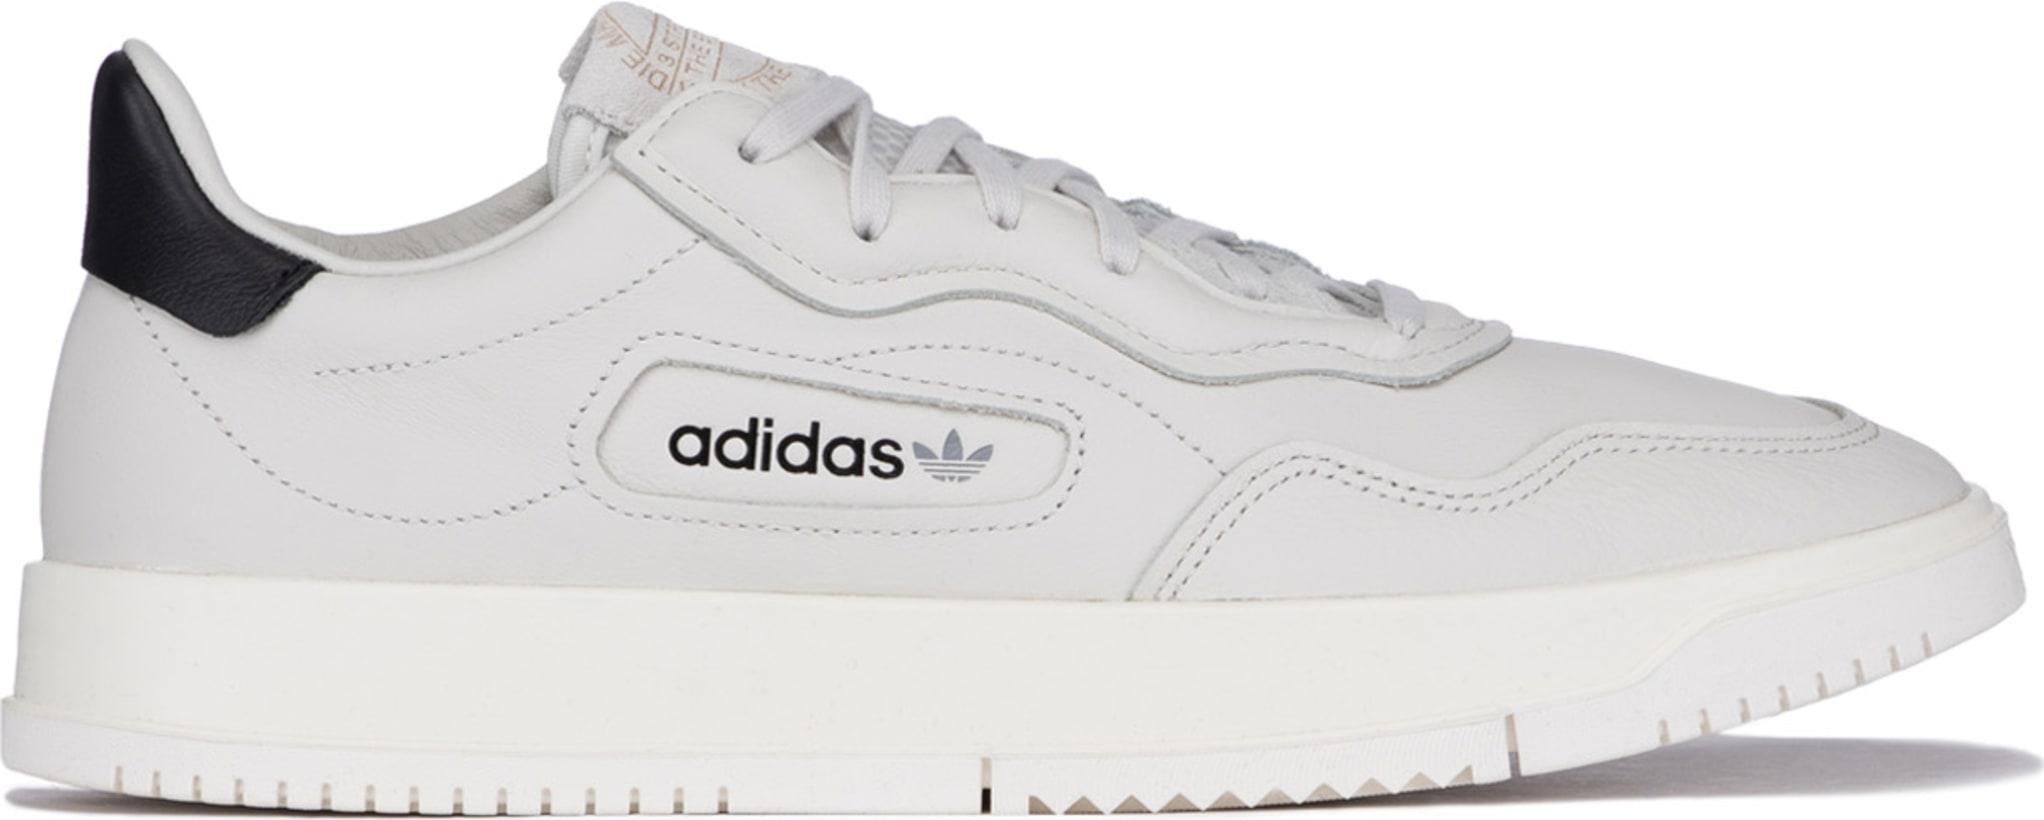 adidas Originals Skor SC Premiere Raw WhiteCore WhiteOff